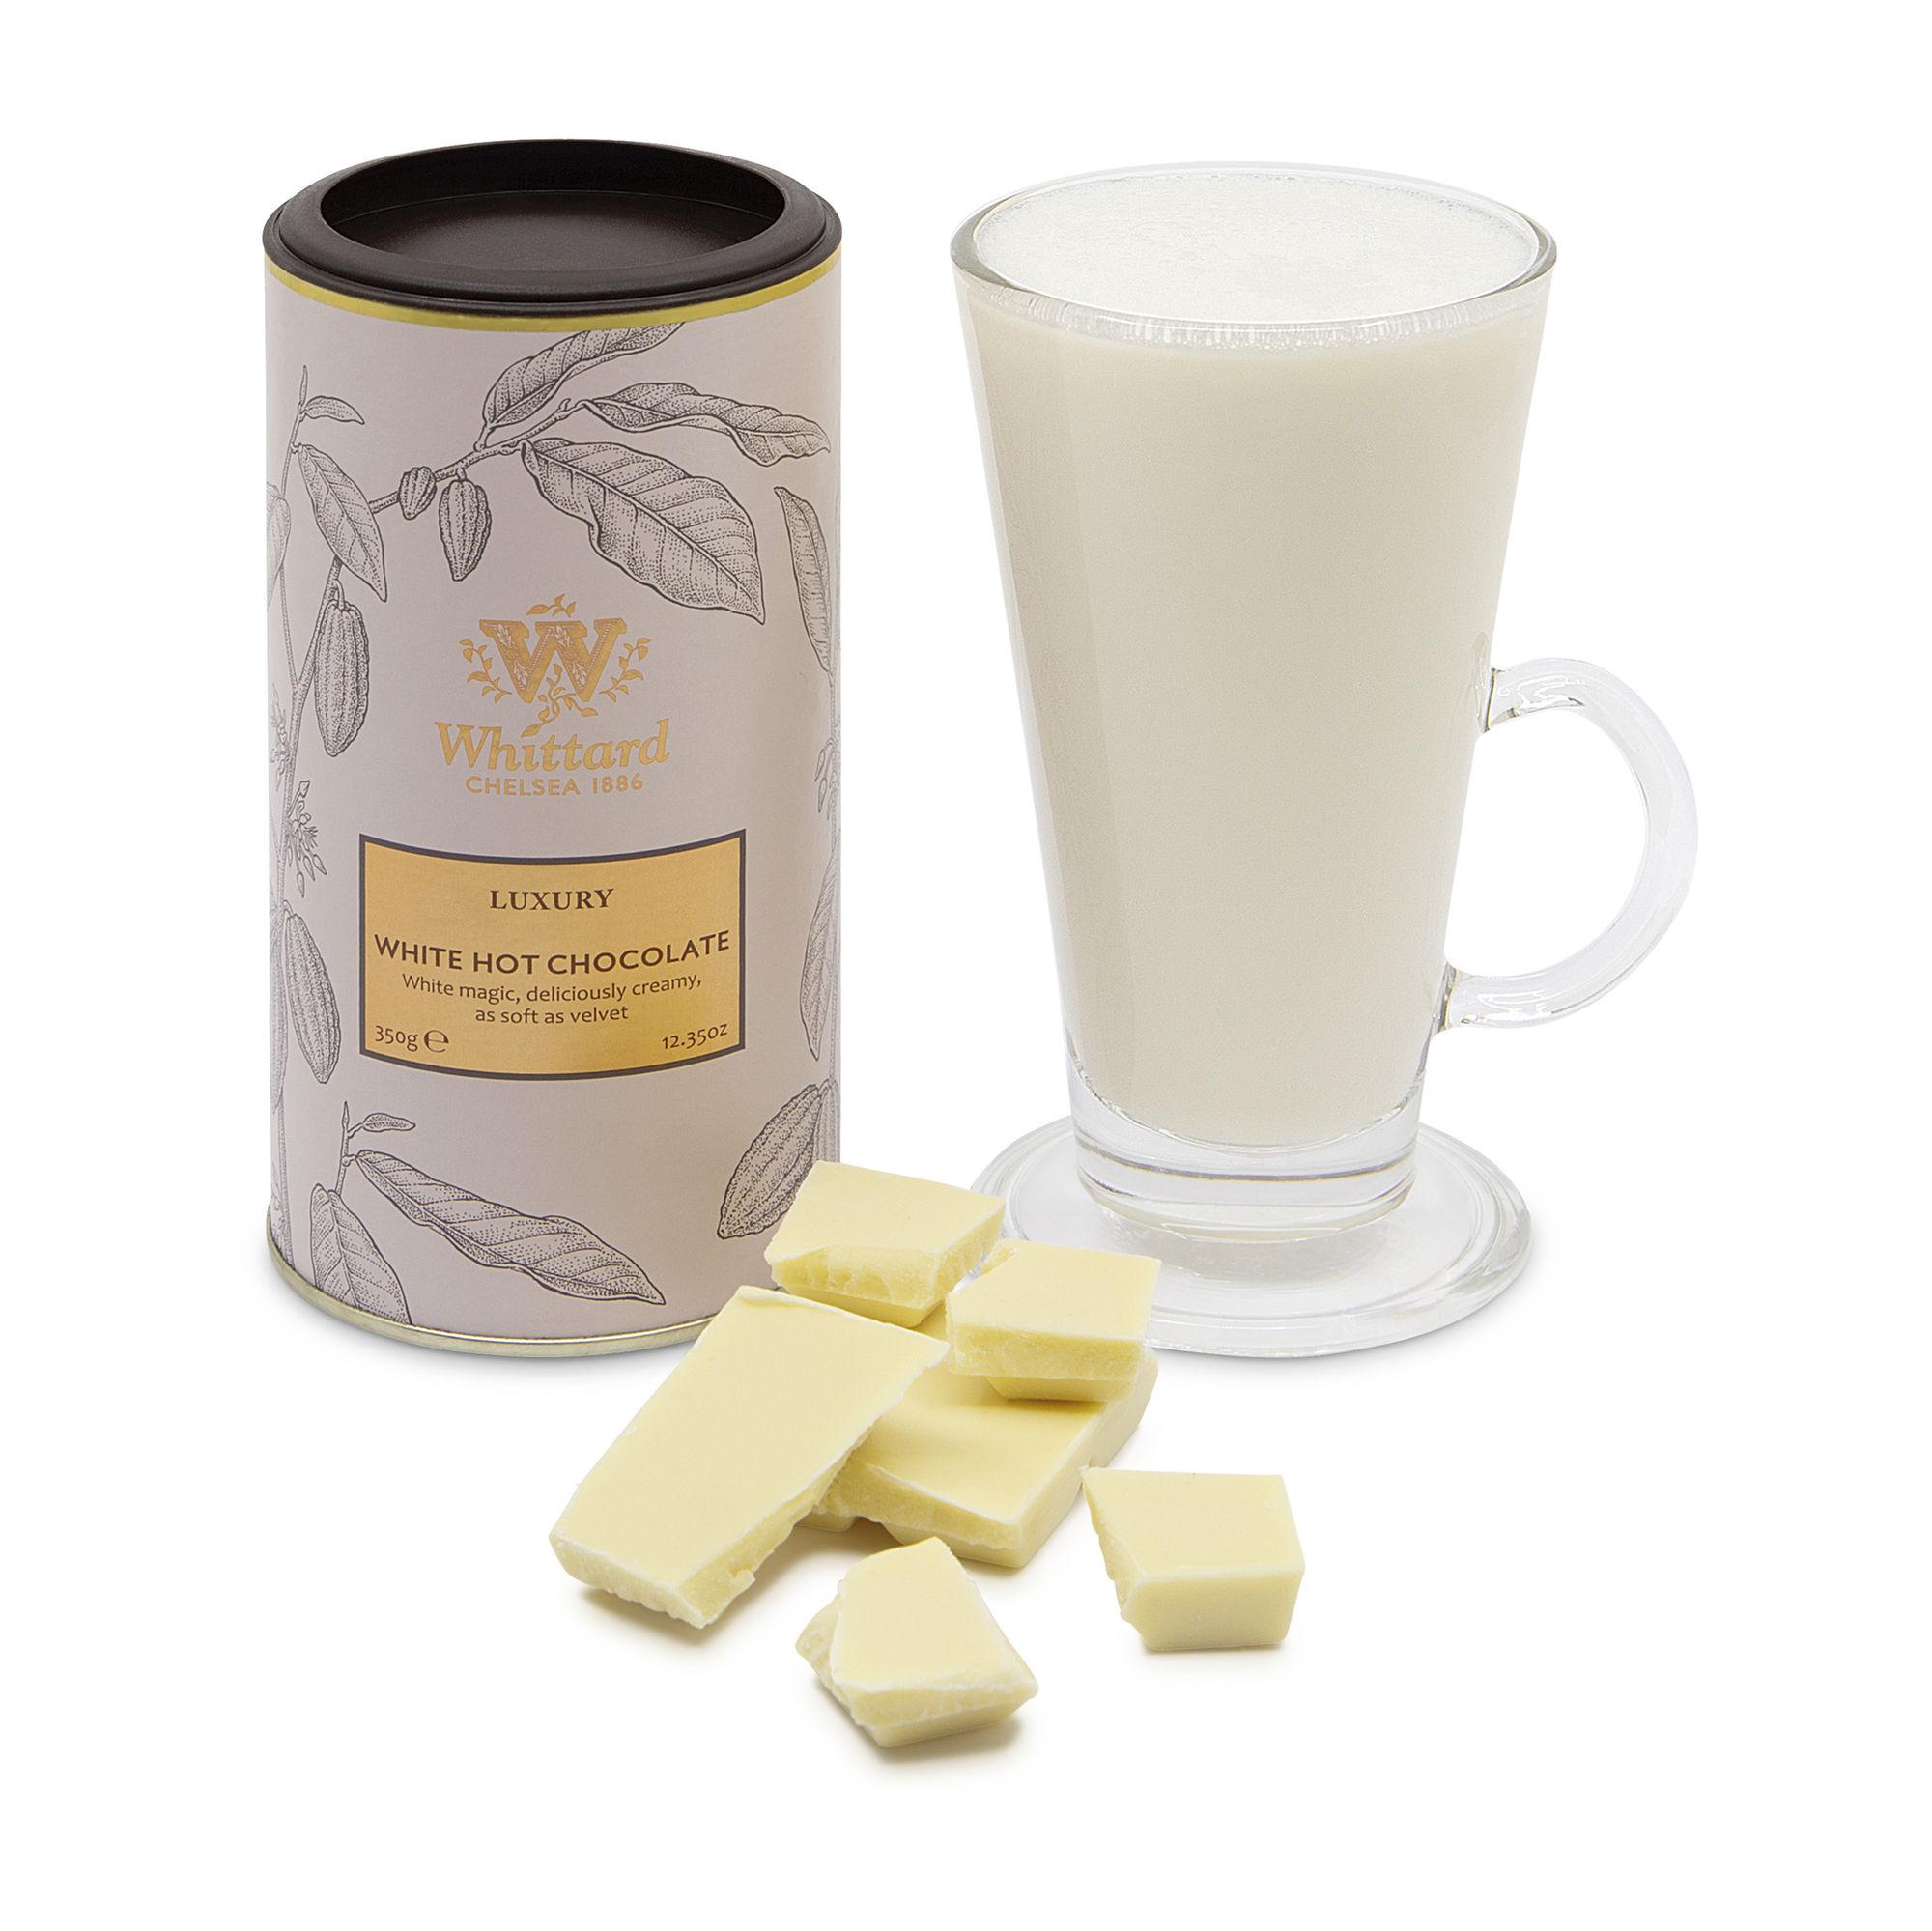 304170-luxury-white-hot-chocolate-1